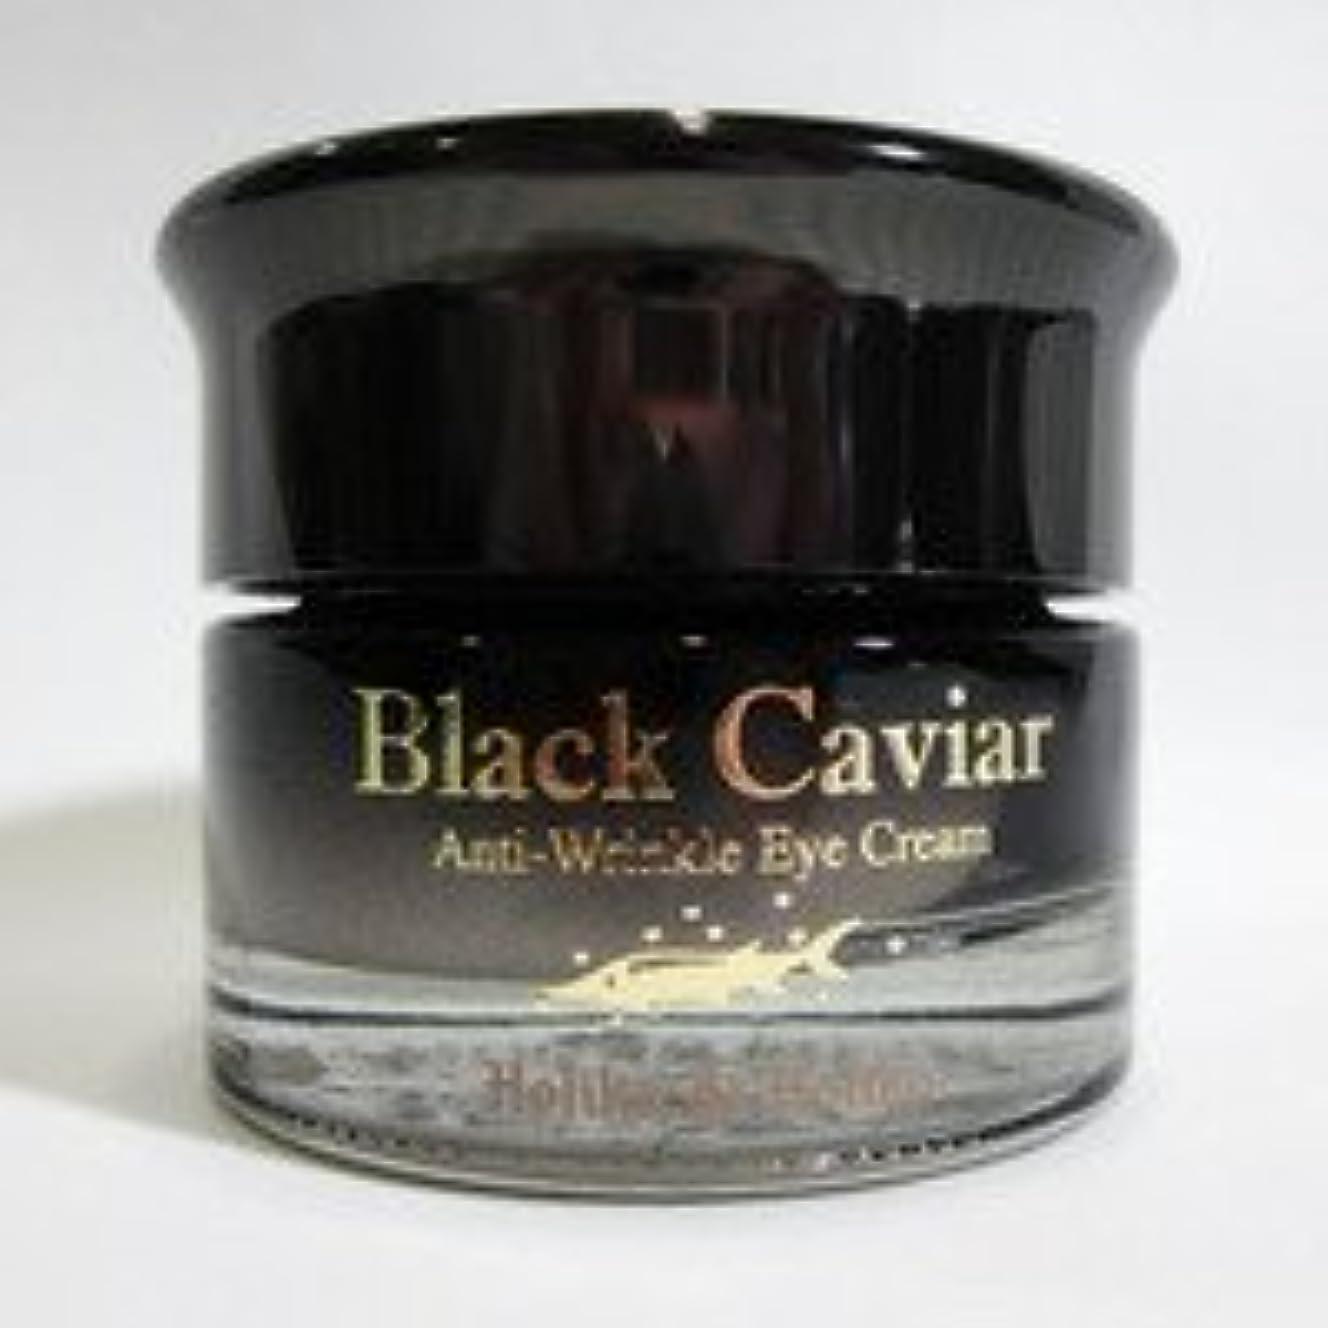 効果的に重くする滑り台Holika Holika ホリカホリカ ブラックキャビア アンチリンクル クリーム Black Caviar Anti-Wrinkle Cream